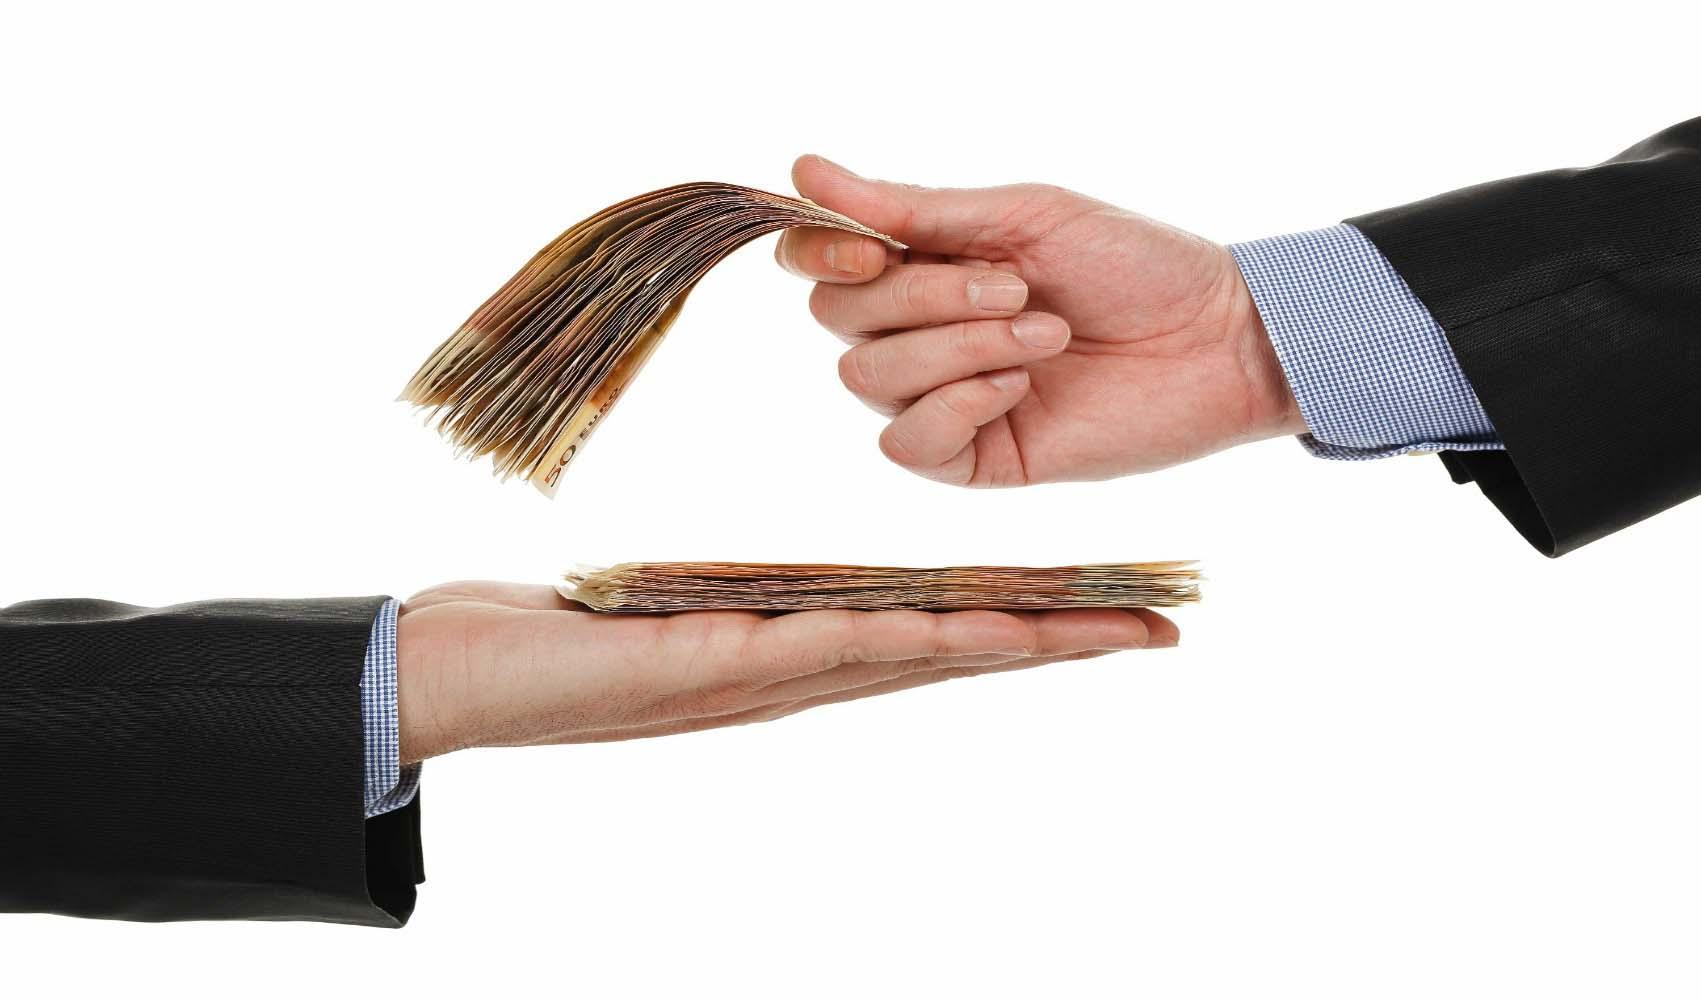 حذف یارانه پولدارها کلید میخورد؟